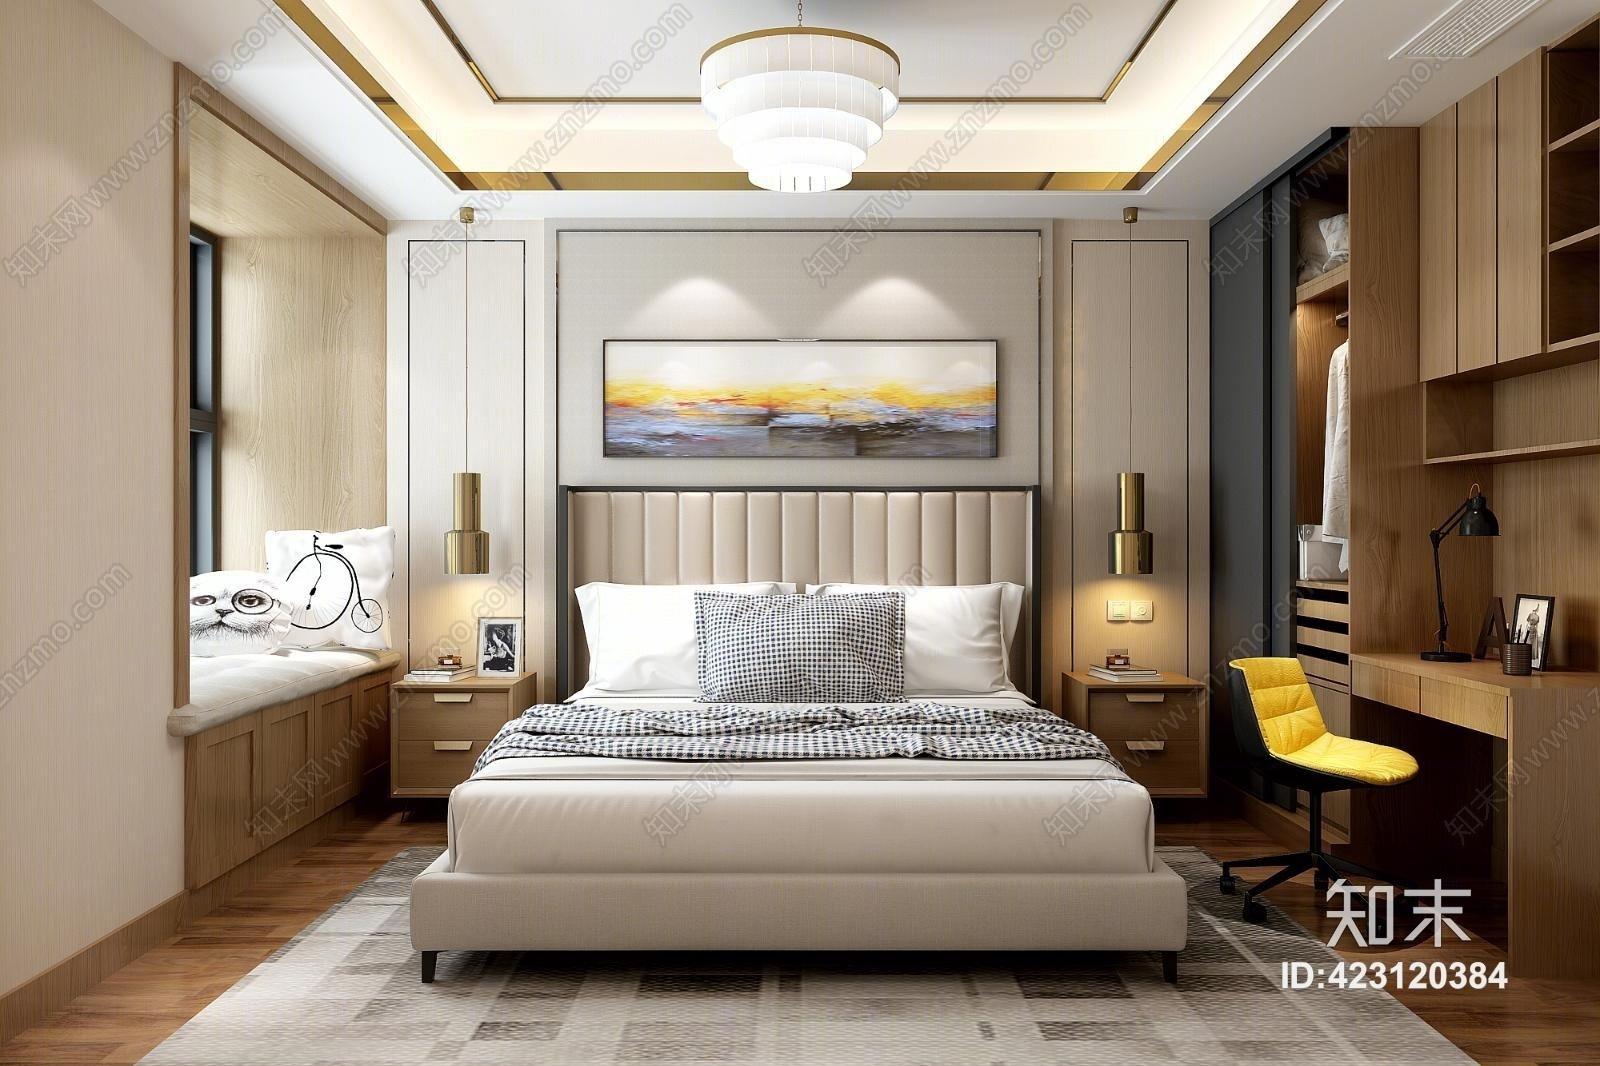 港式主卧室 衣柜 电脑桌 吊灯 双人床 床头柜 地毯 背景墙